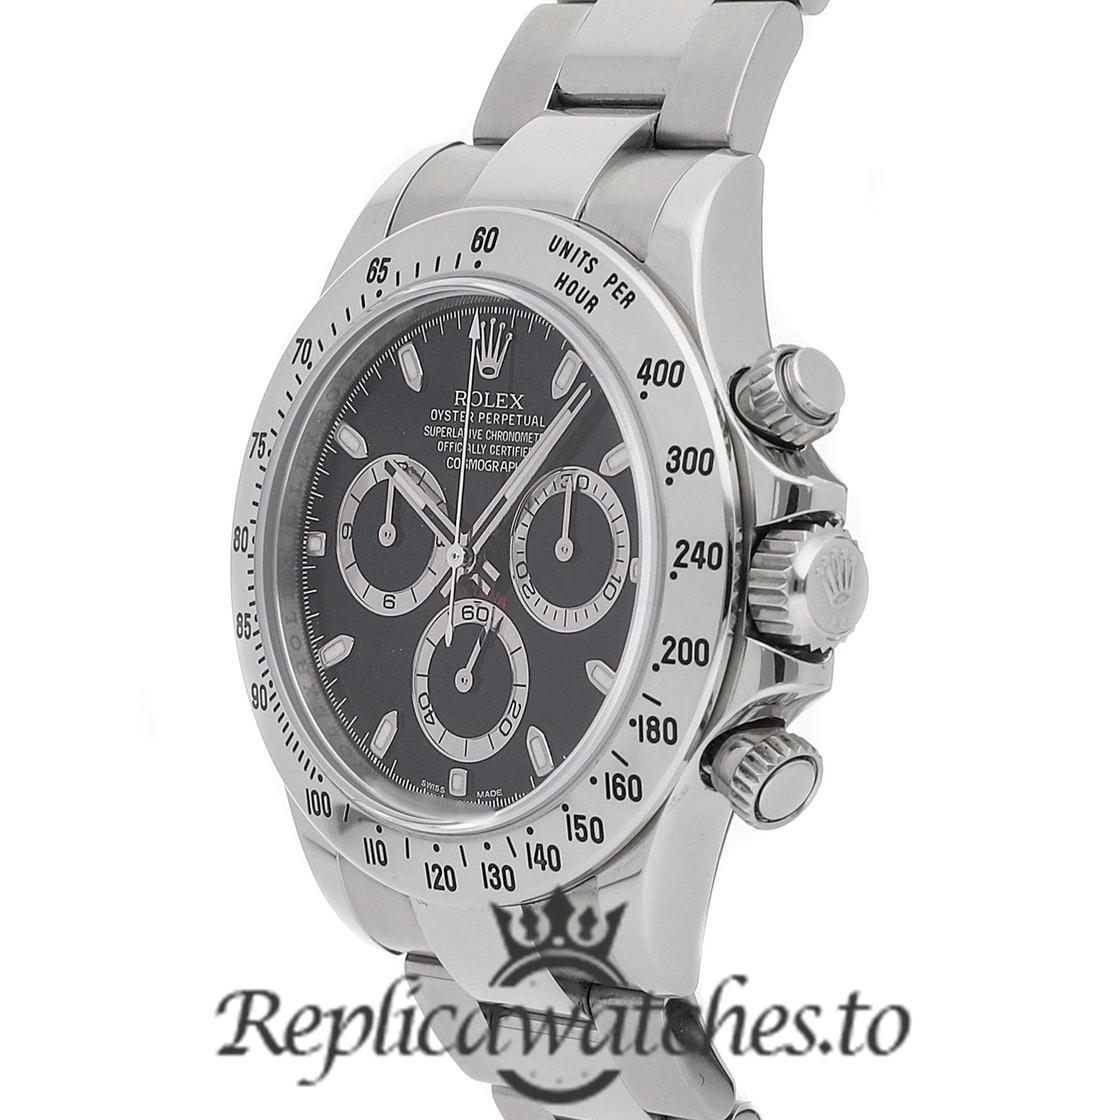 Rolex Daytona Replica 116500LN 001 White Gold Strap 40MM